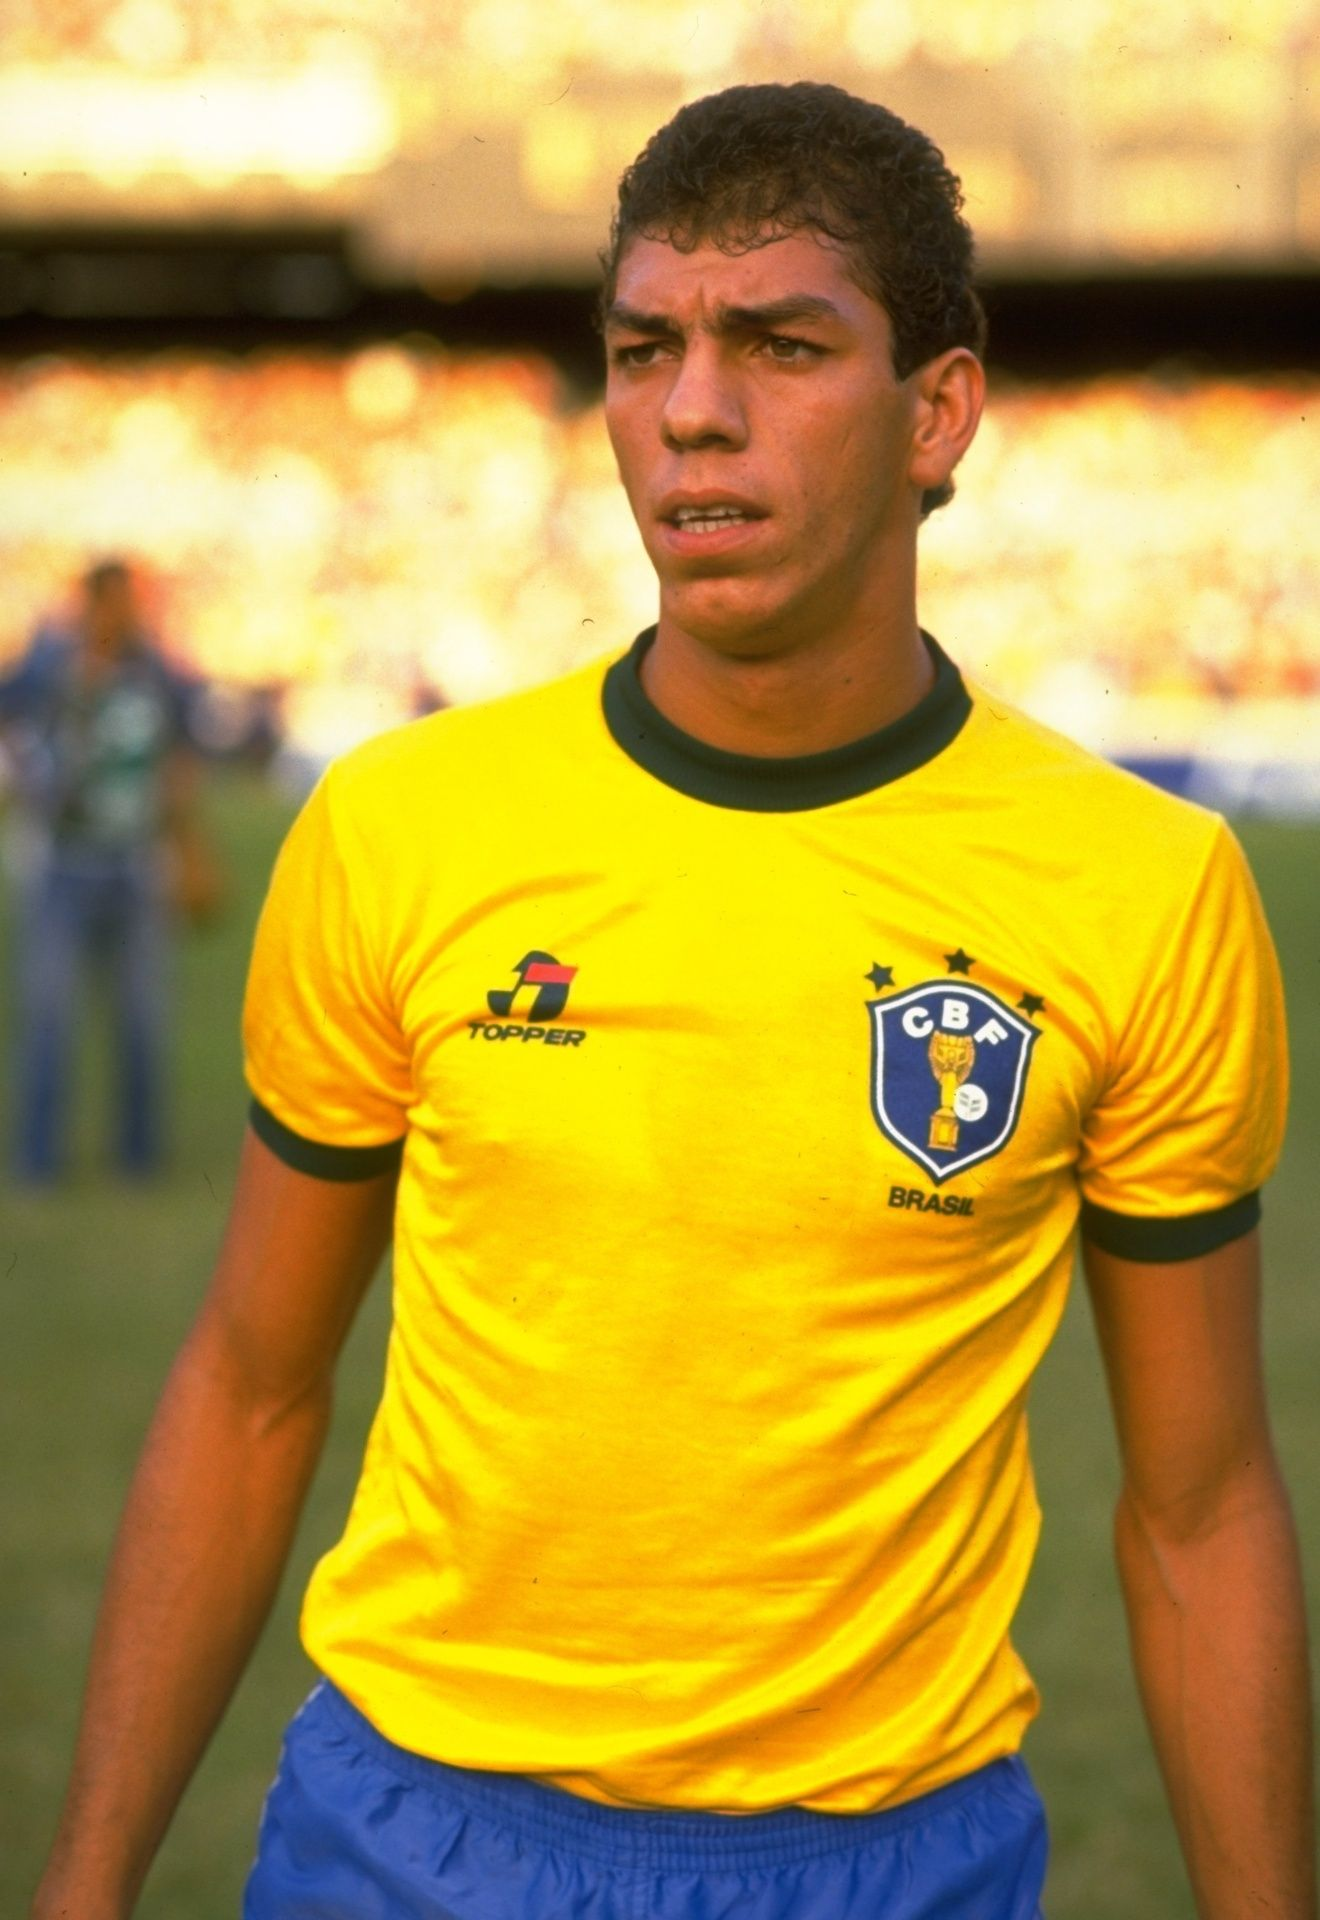 José Carlos Nepomuceno Mozer Seleção Brasileira De Futebol Seleção Brasileira Futebol Brasileiro